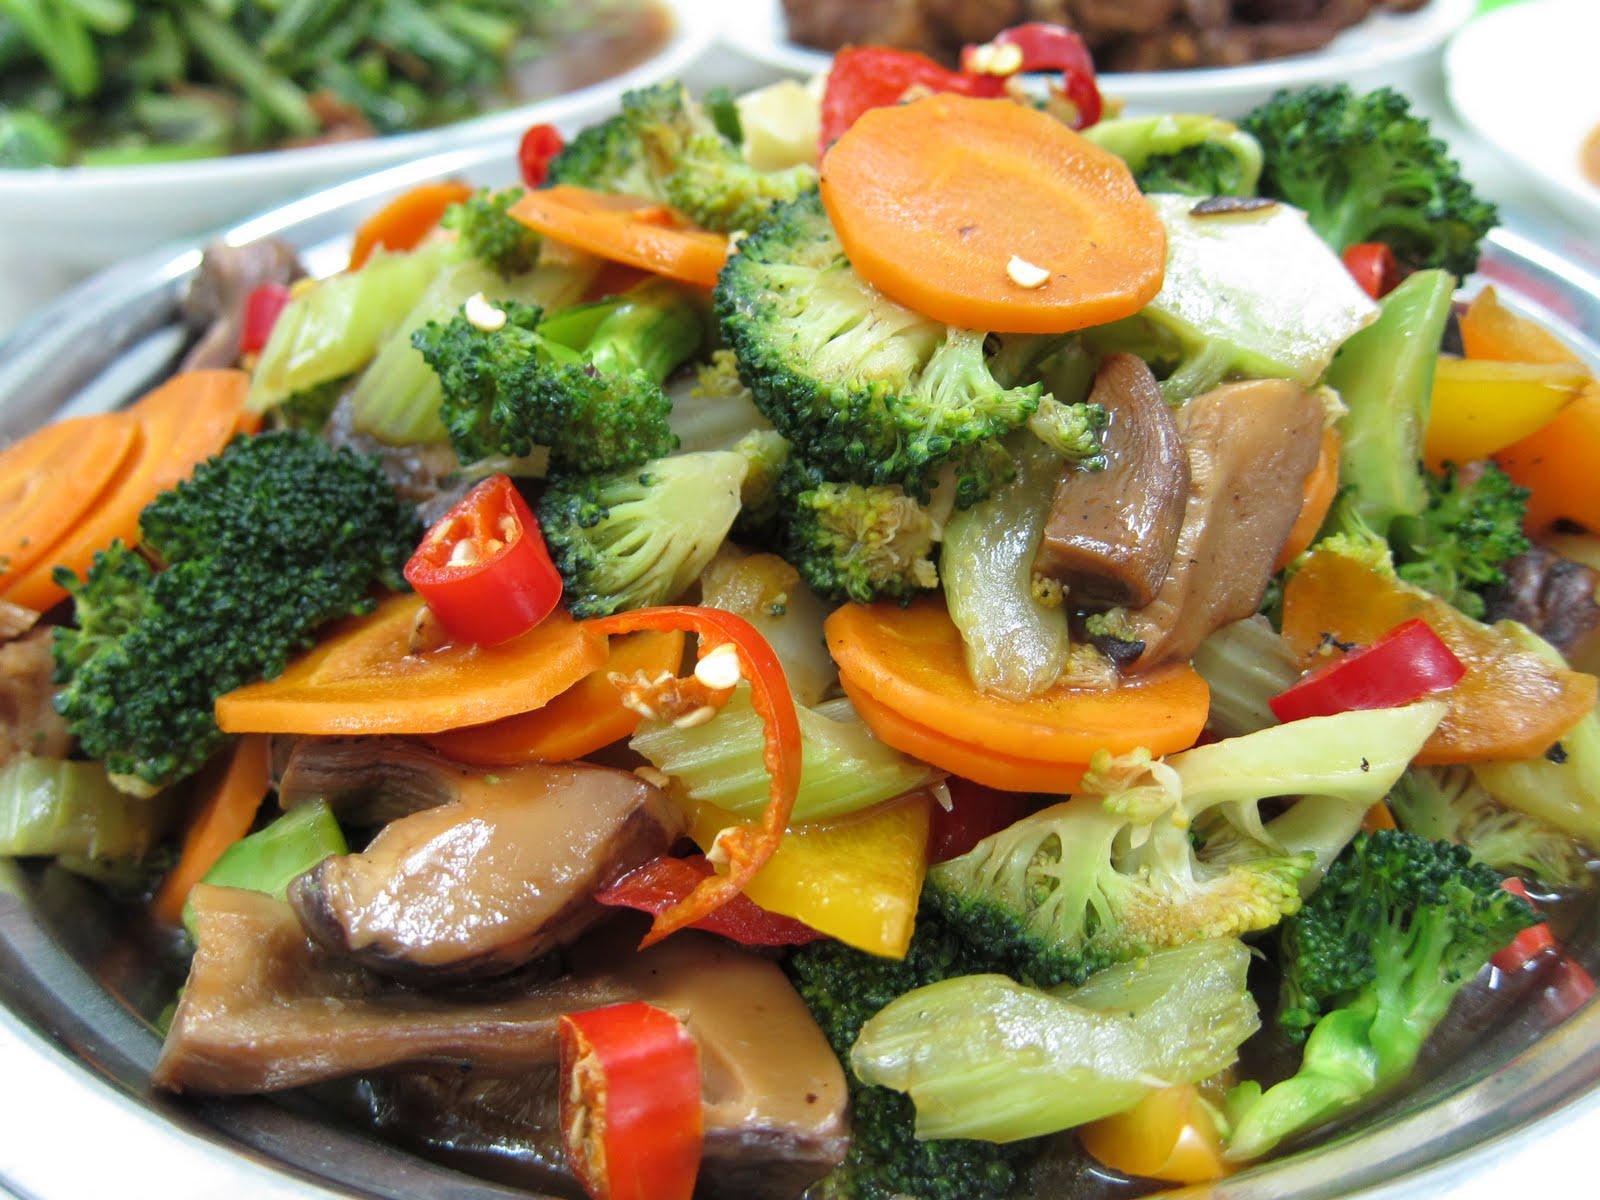 ¿Cómo empezar con una dieta vegetariana?